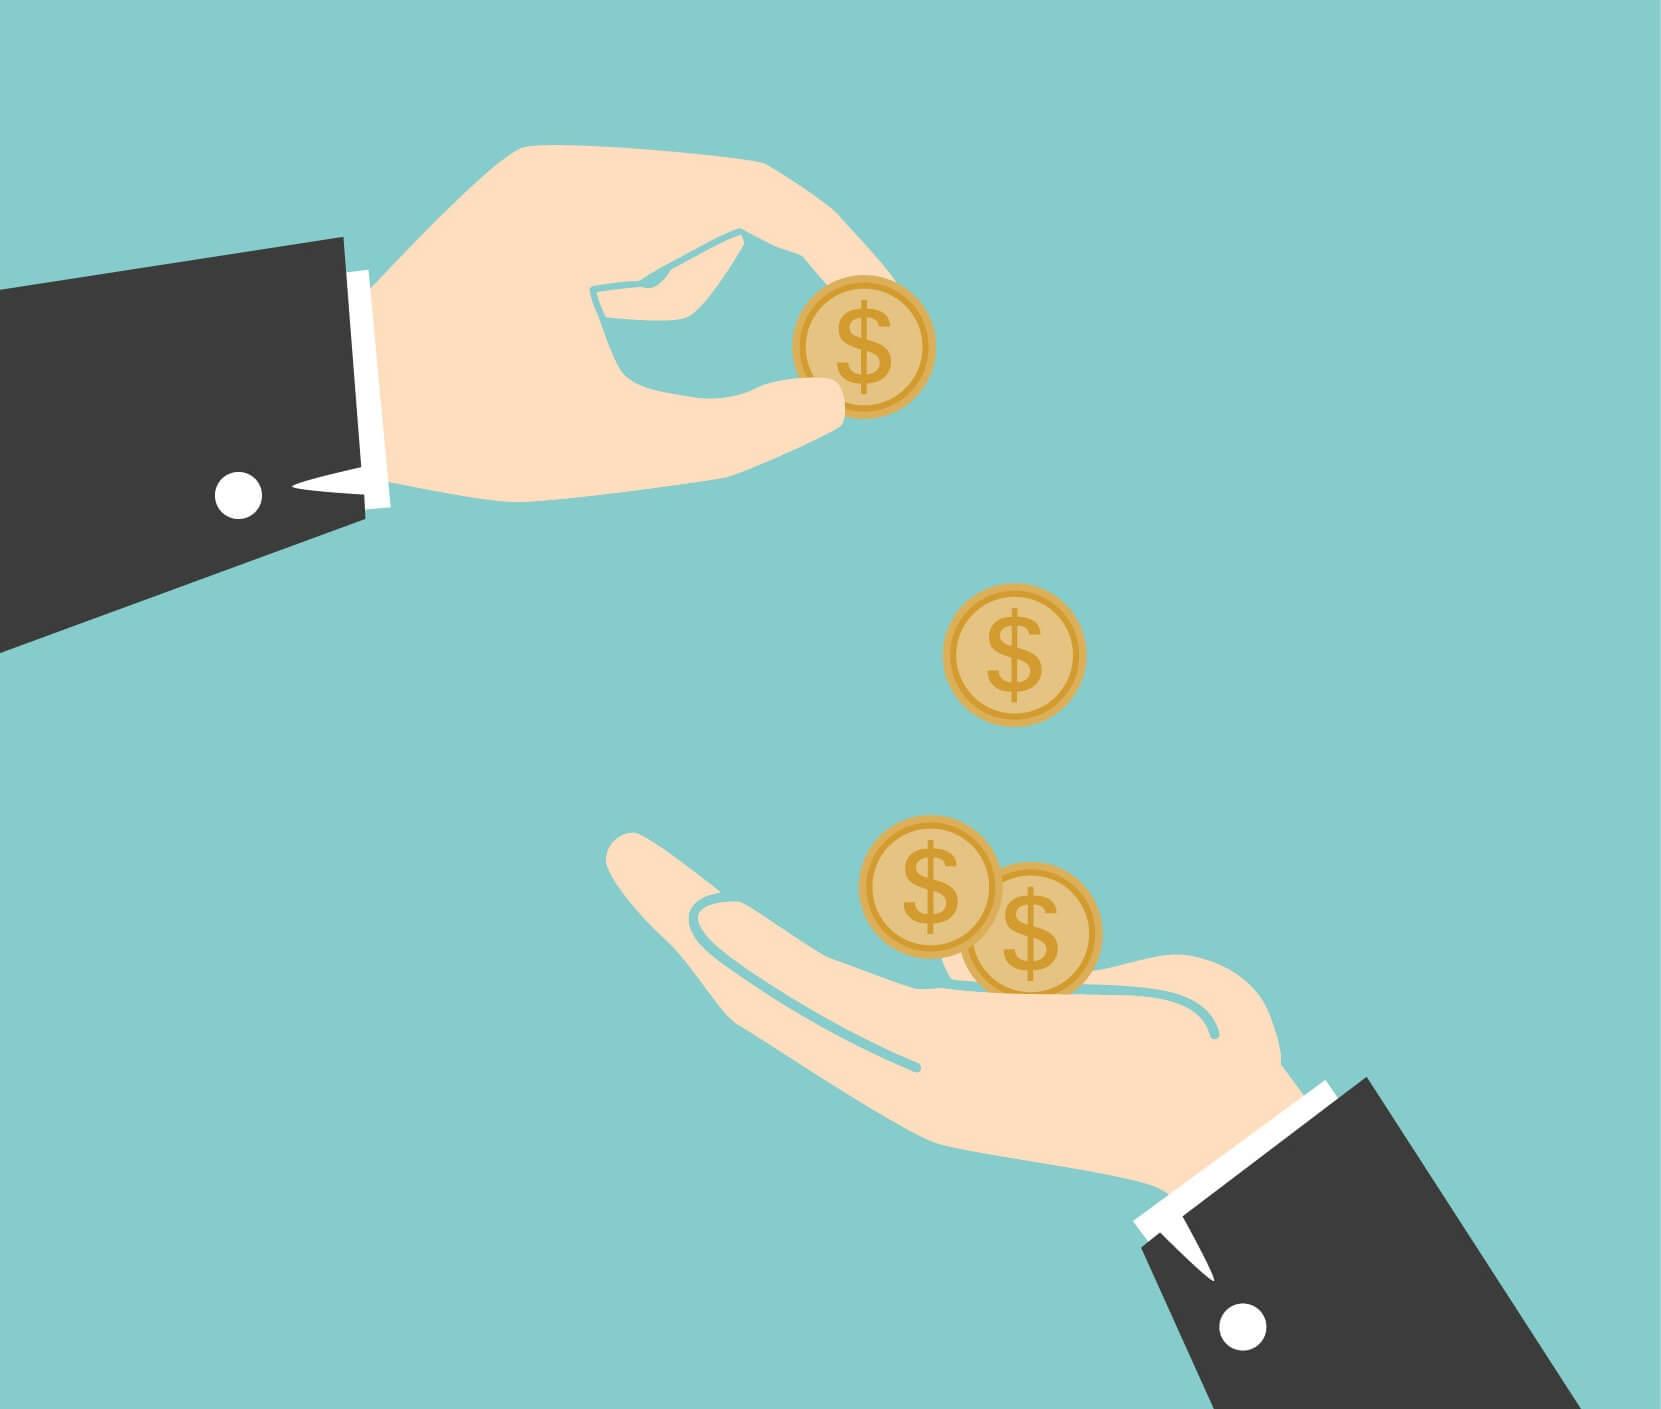 operaciones vinculdas, como prestar dinero a tu propia empresa